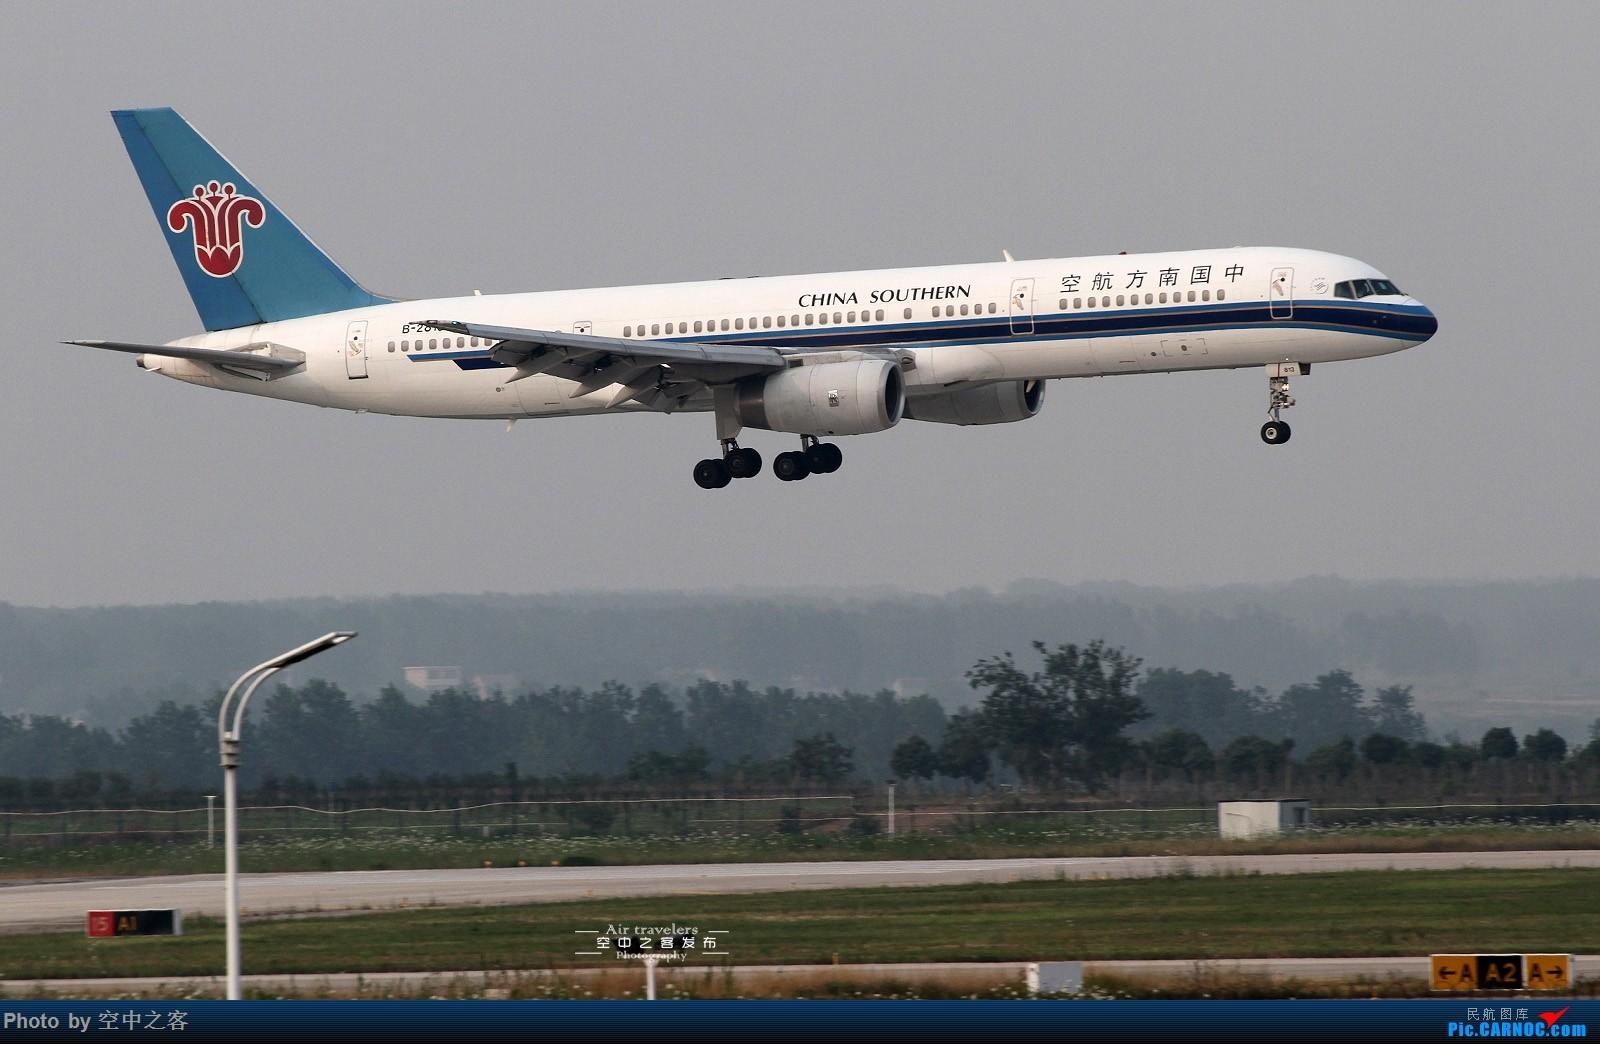 """Re:[原创][合肥飞友会·霸都打机队]空中之客发布 """"欢乐谷""""新涂来了 小彩绘聚会新机场 BOEING 757-200 B-2813 合肥新桥国际机场"""